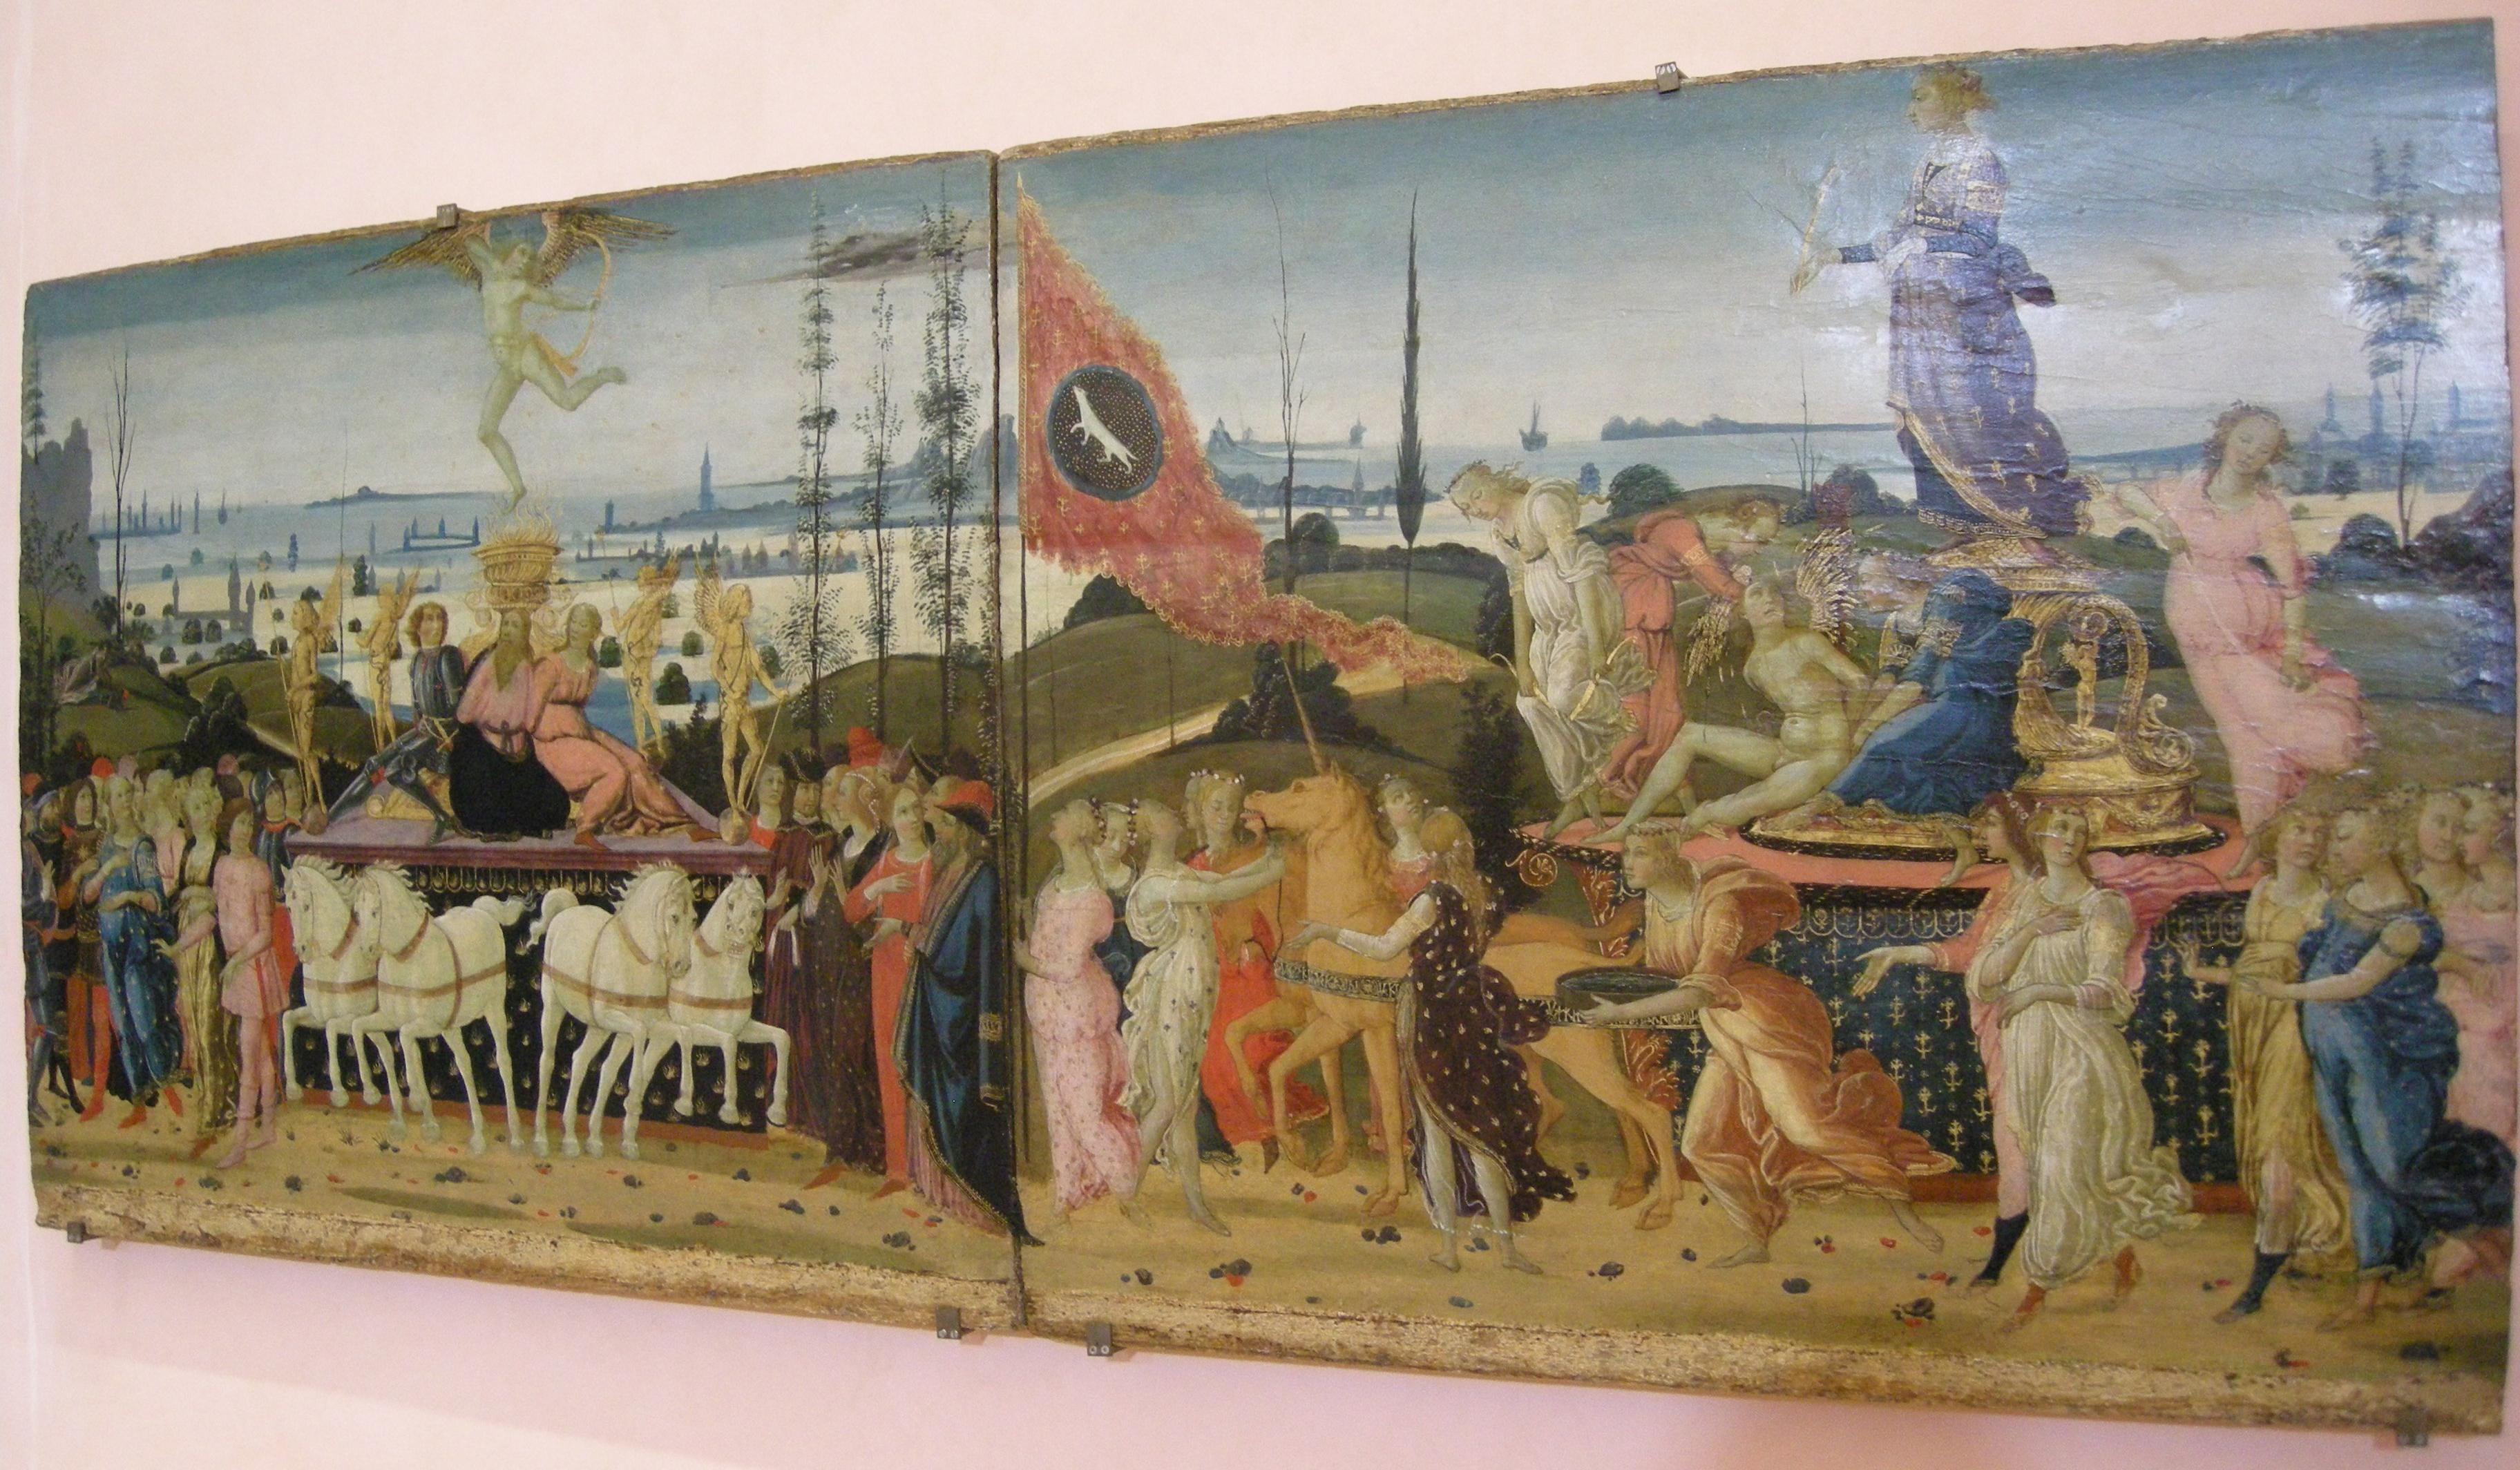 File:Jacopo del sellaio, trionfo dell'amore e della pudicizia 1480-1485